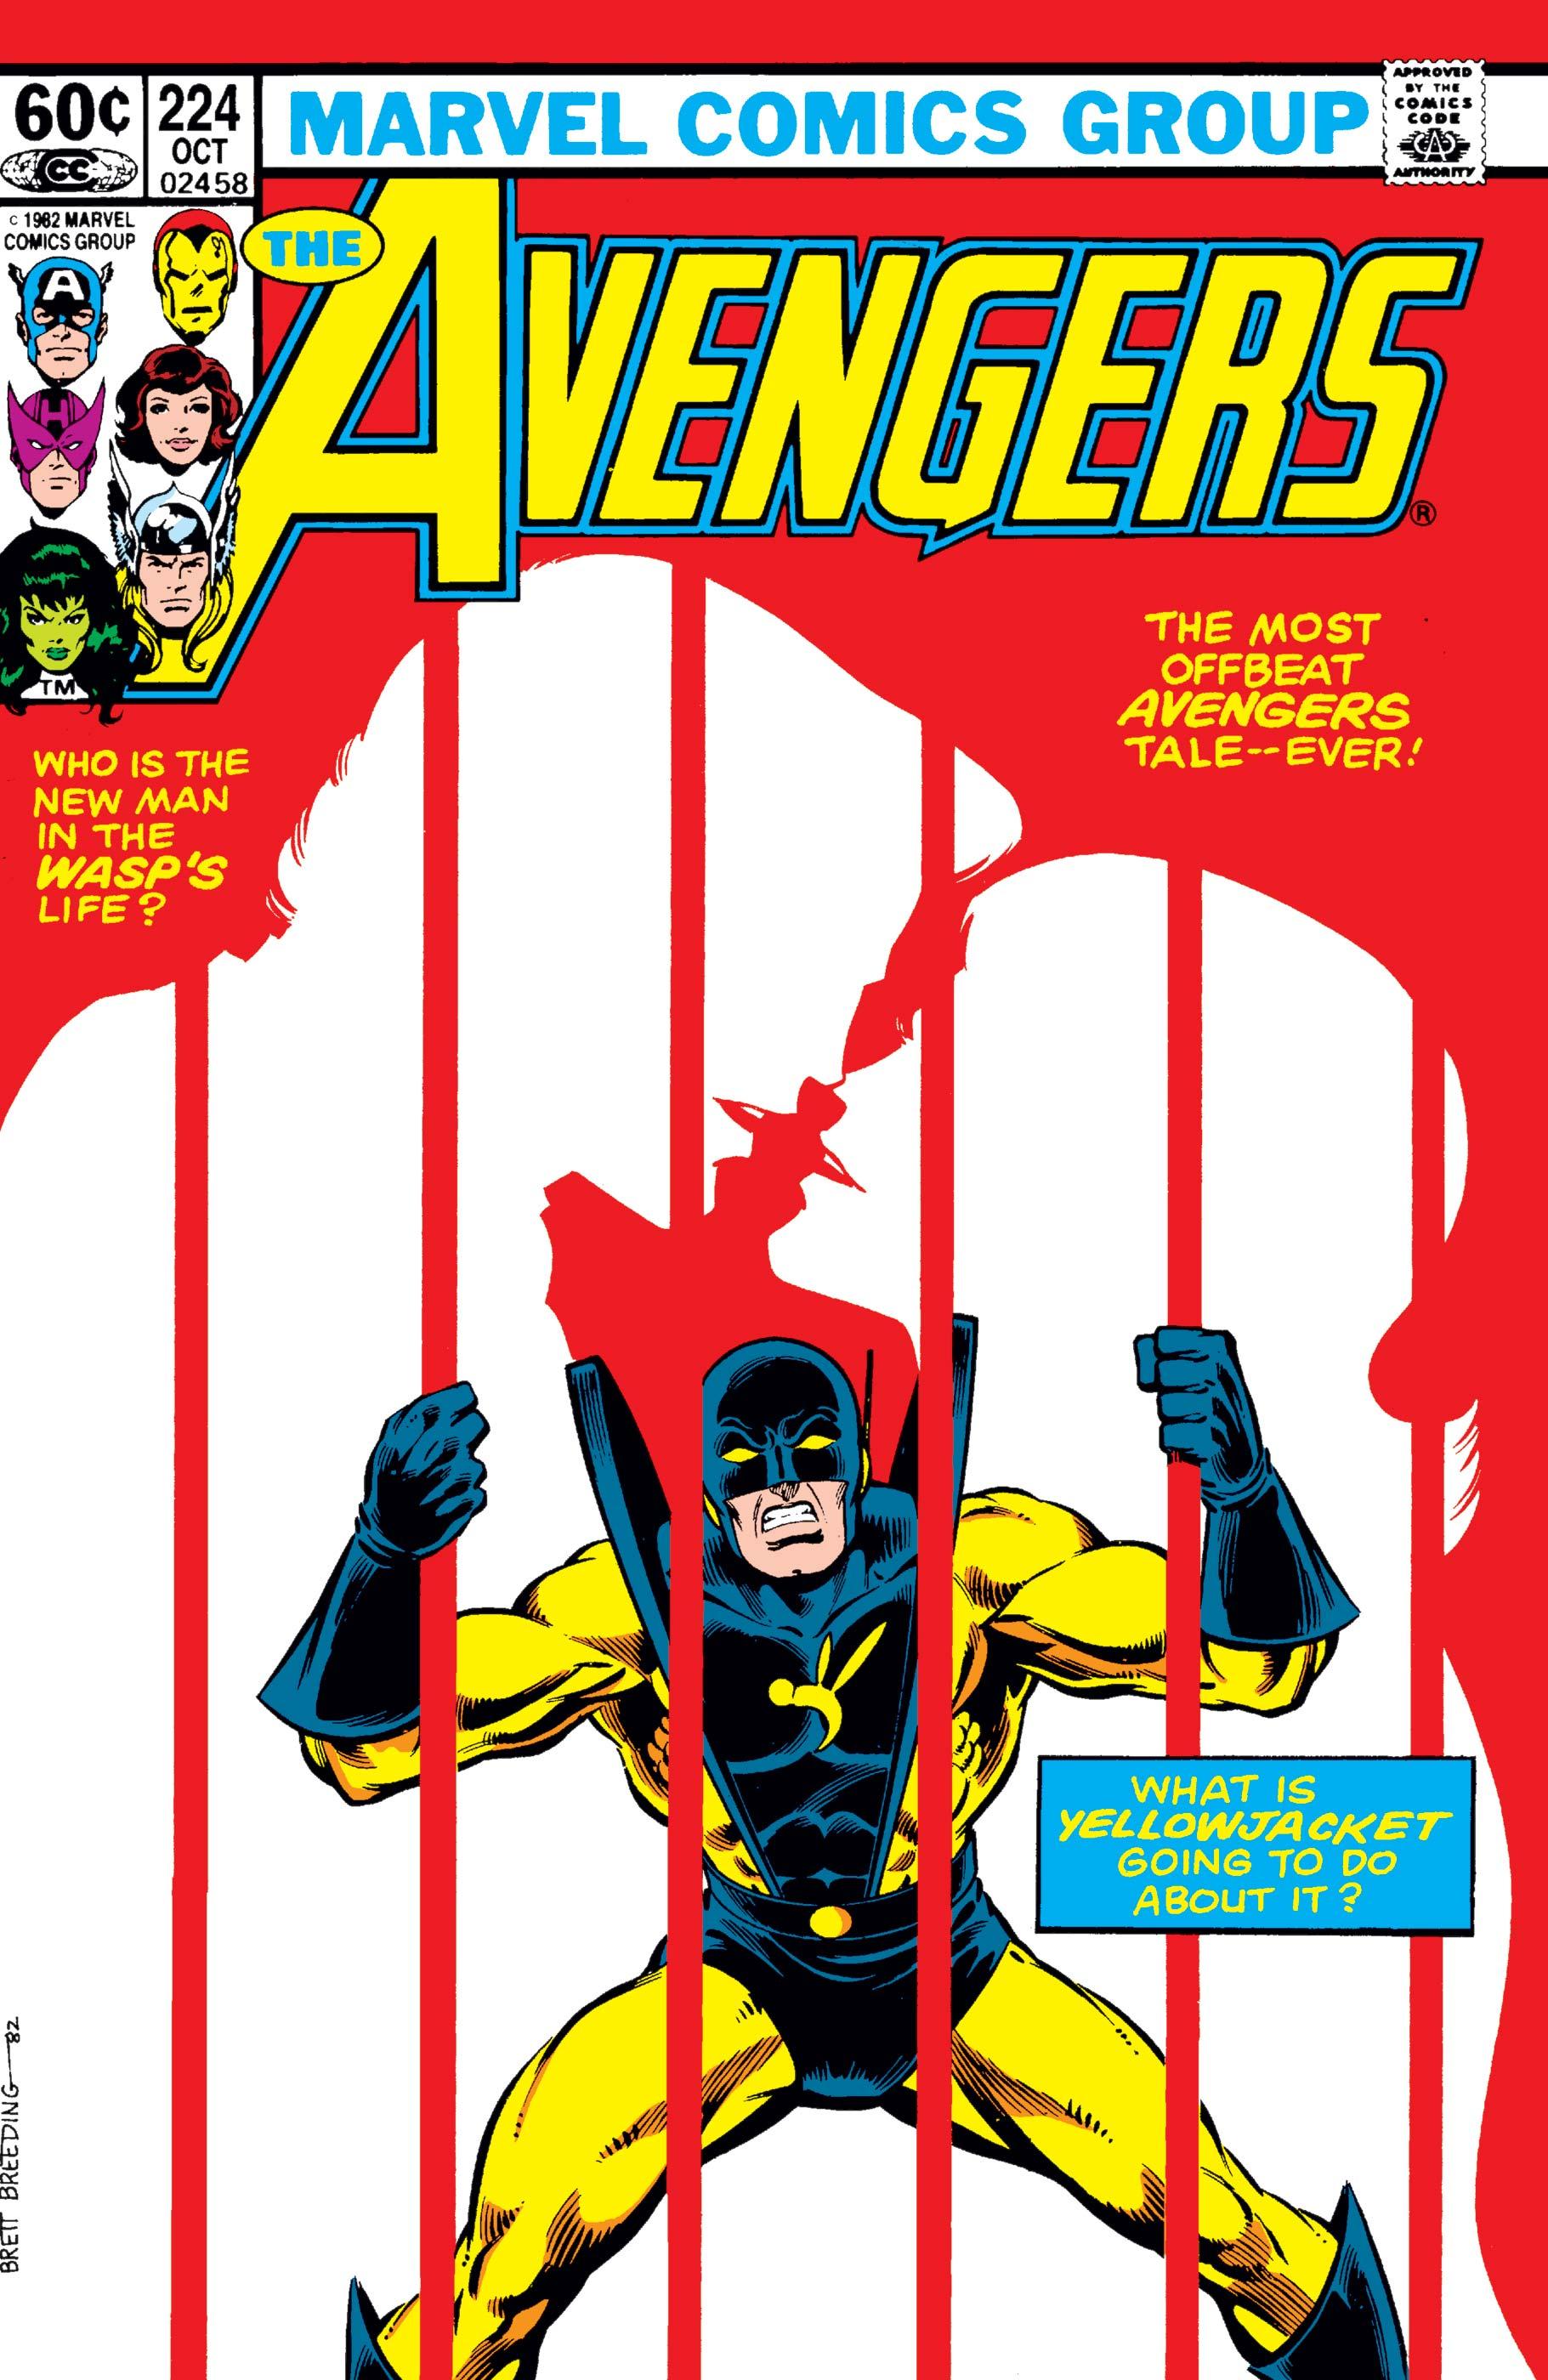 Avengers (1963) #224